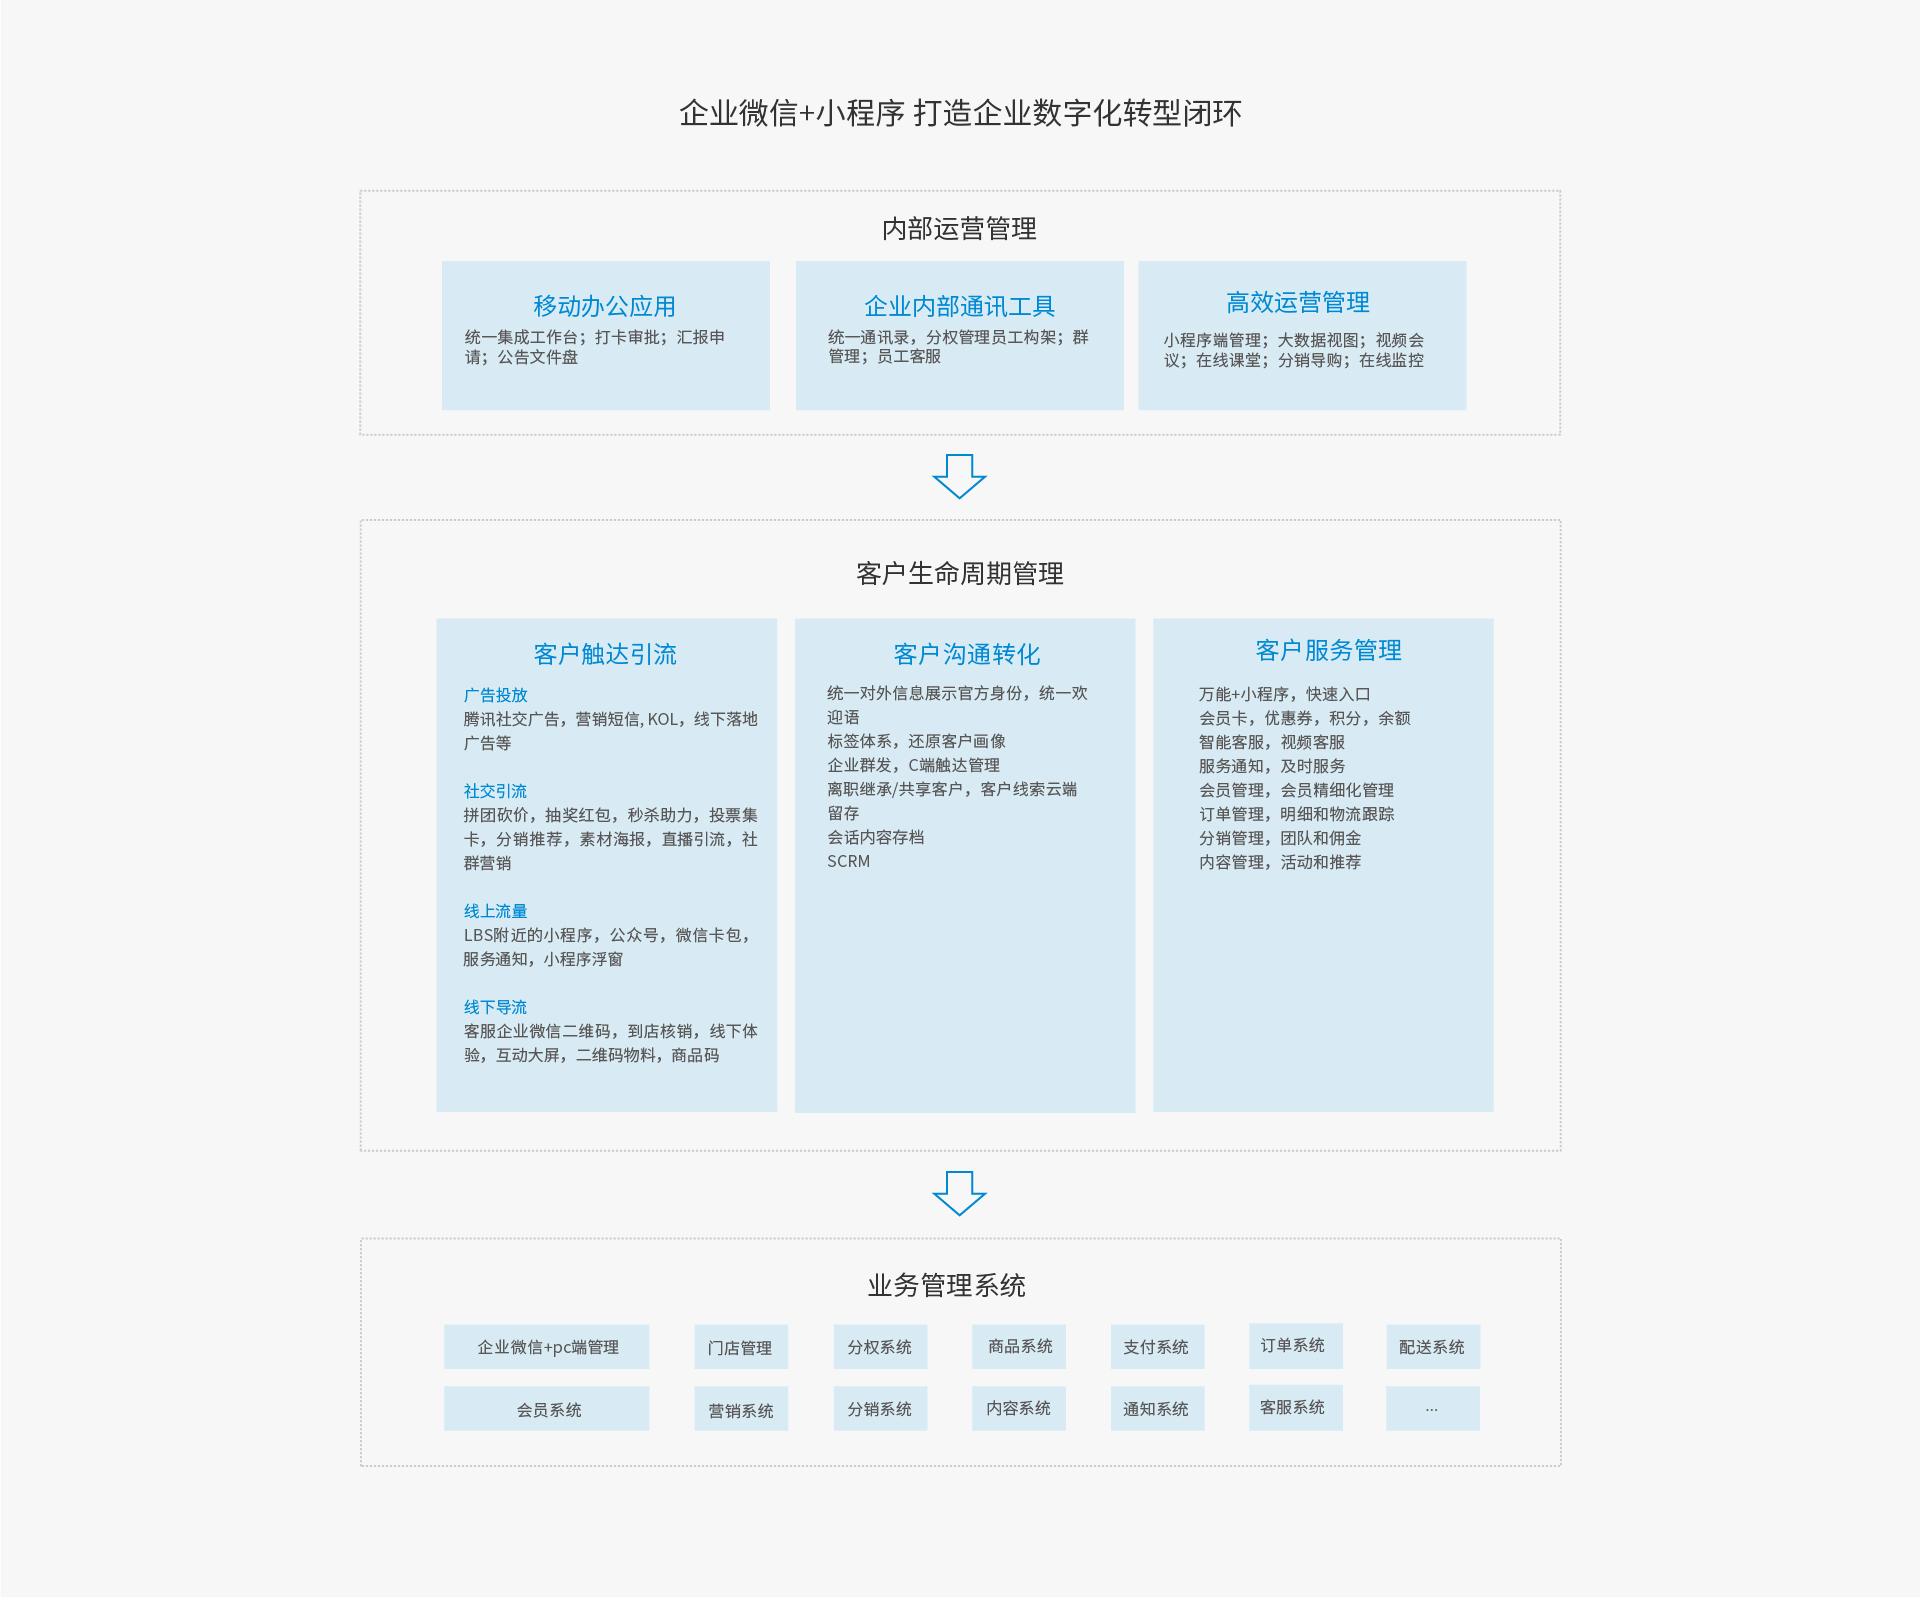 公司官网图0924_画板-1_02(1).jpg